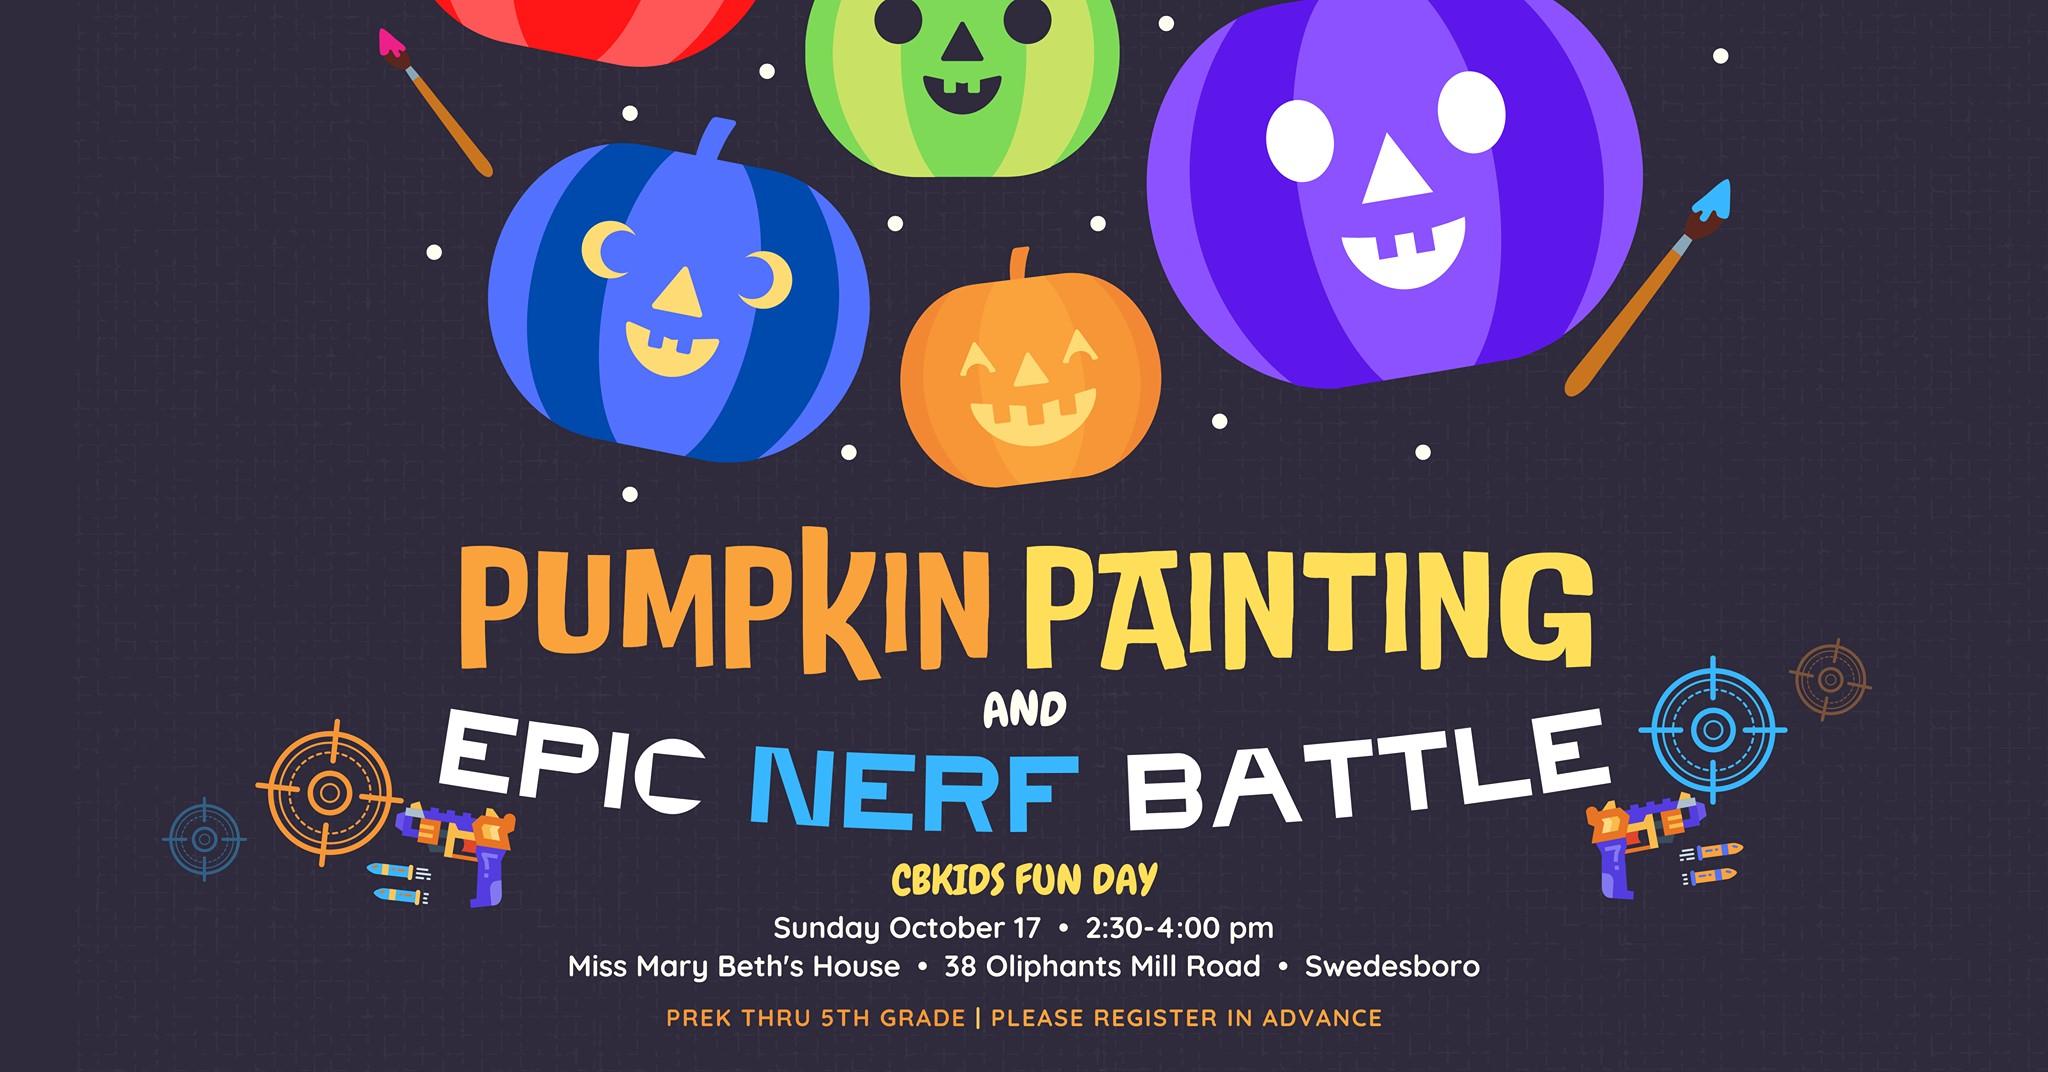 Oct 17th Fun day